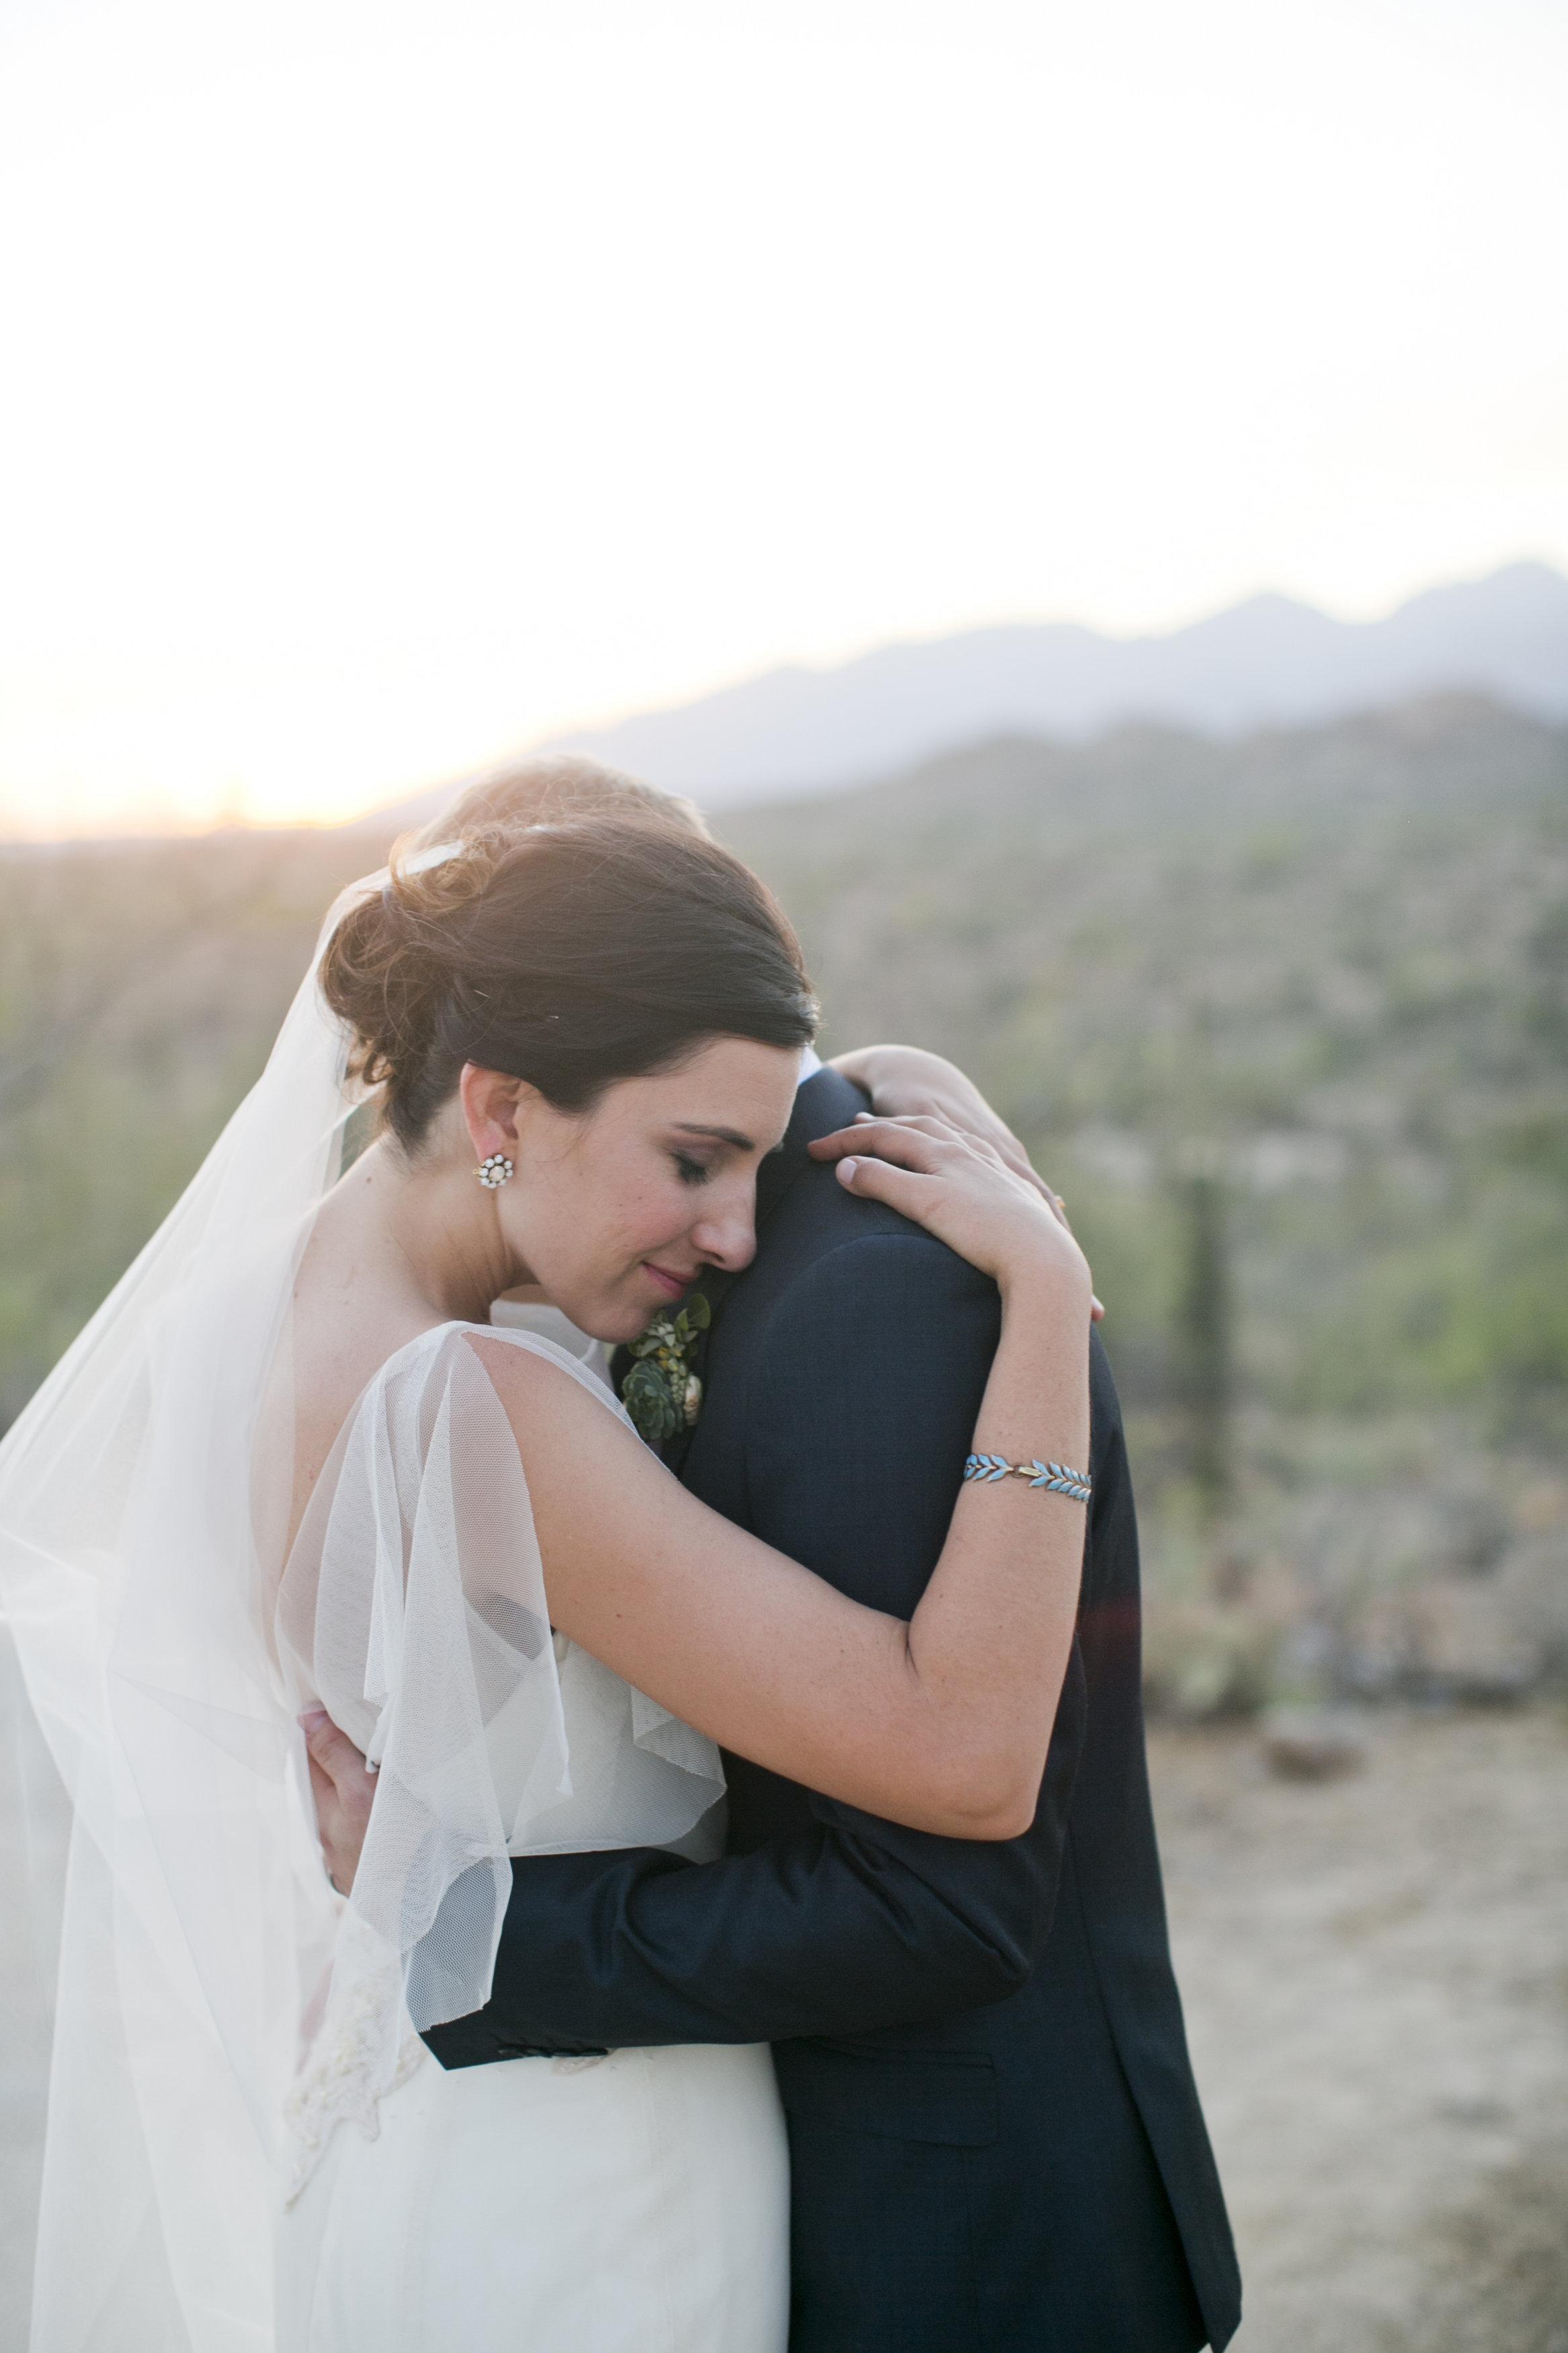 Ceci_New_York_Ceci_Style_Ceci_Johnson_Luxury_Lifestyle_Arizona_Wedding_Watercolor_Inspiration_Design_Custom_Couture_Personalized_Invitations_163.jpg